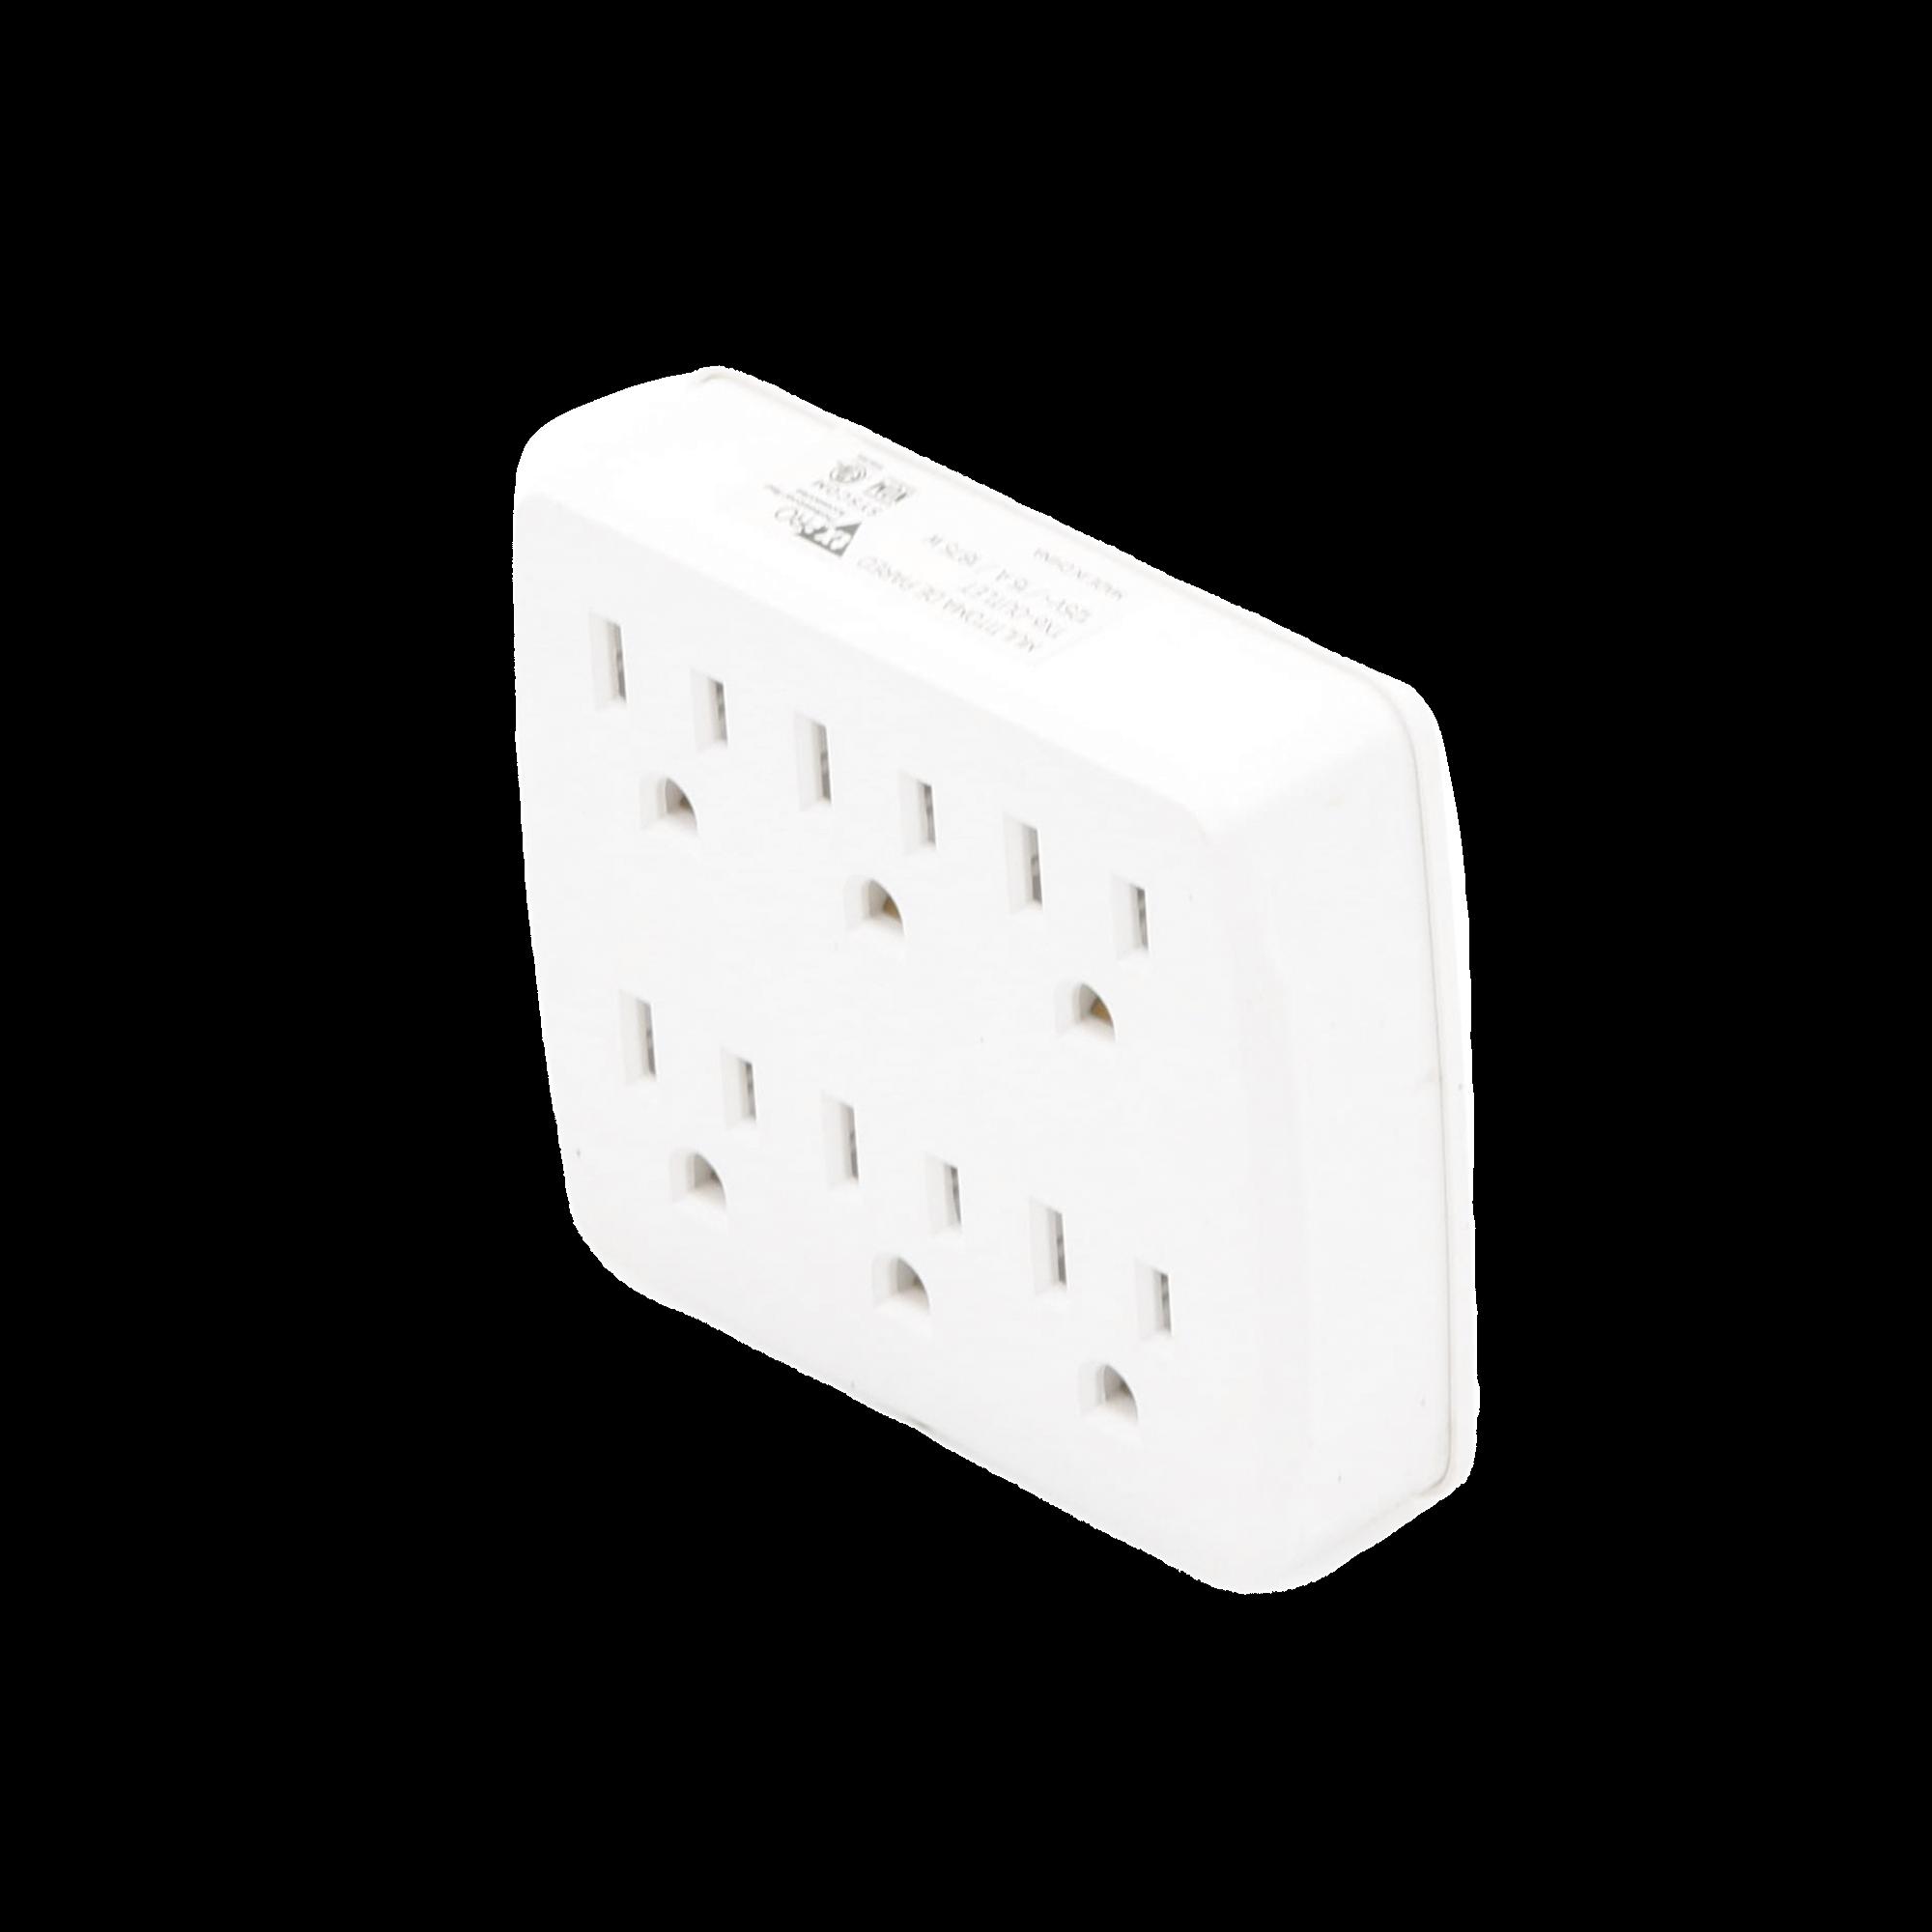 Multicontacto para pared con 6 contactos color blanco,125 V /15 A